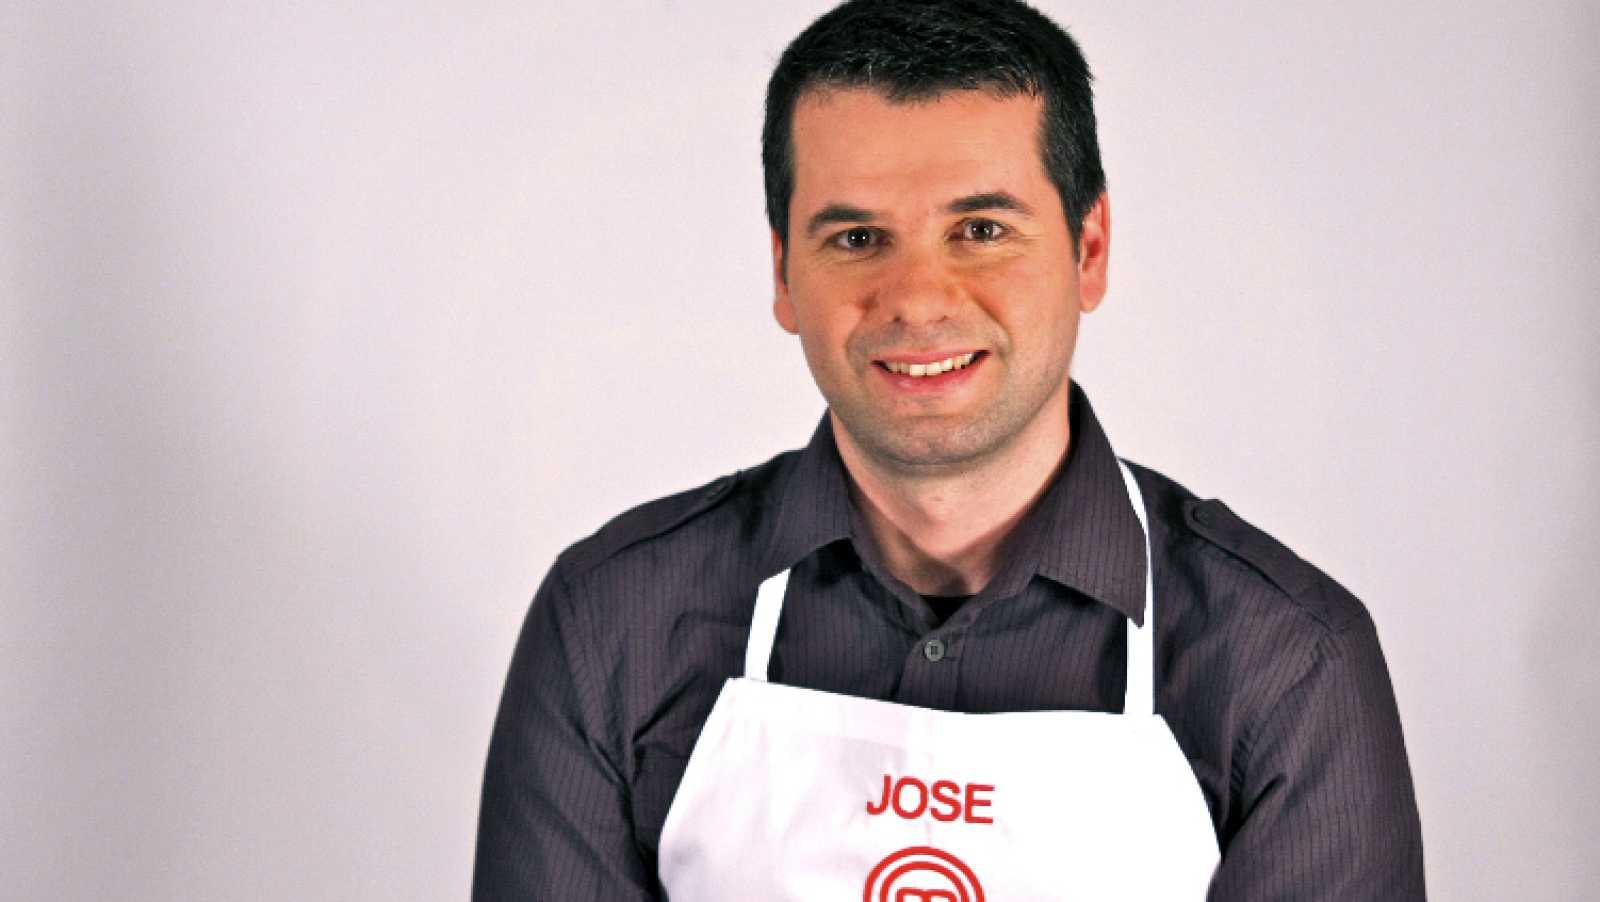 MasterChef - Jose. 33 años, ingeniero informático (Valencia)